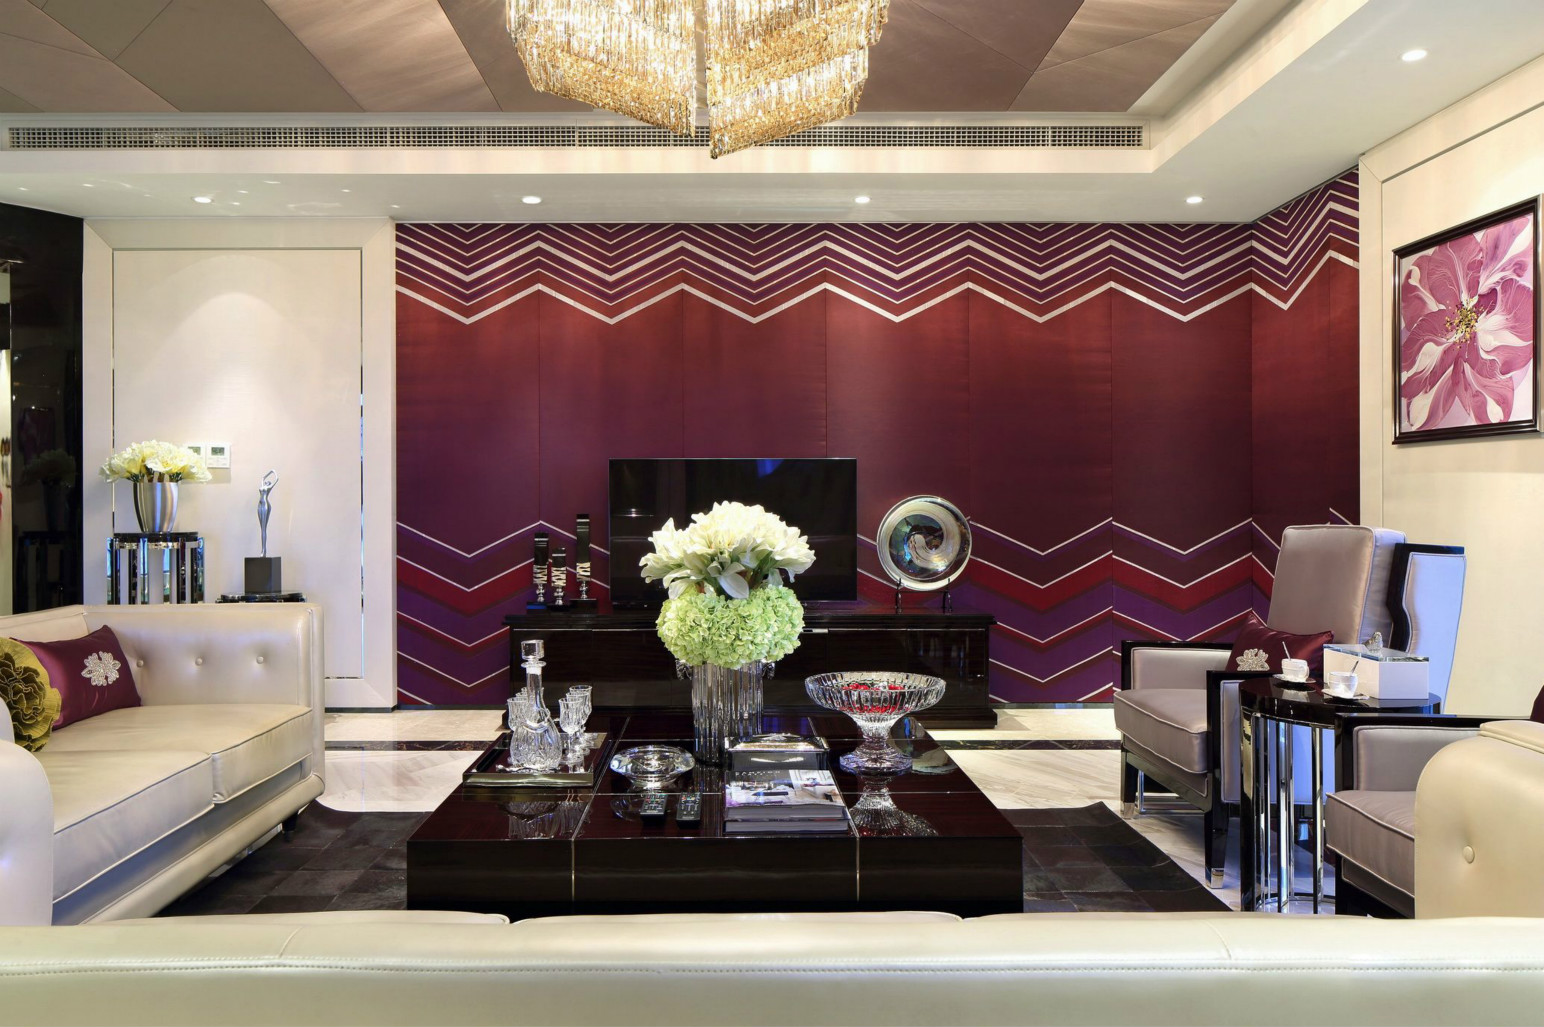 客厅很是奢侈而大气,别具一格的吊灯,以及红色为主的背景墙,整个客厅很是温馨。